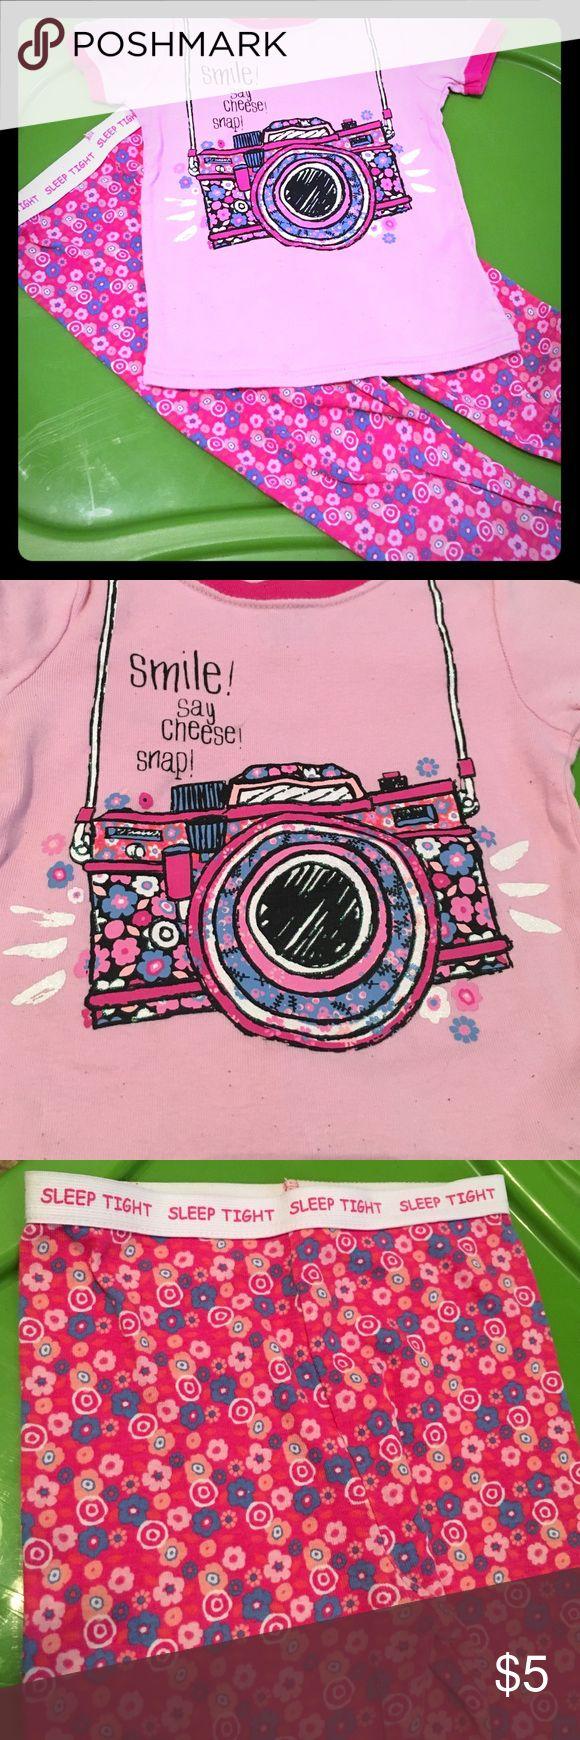 Pink pajama set Pink pajama camera top and matching pajama bottoms. Faded Glory Pajamas Pajama Sets